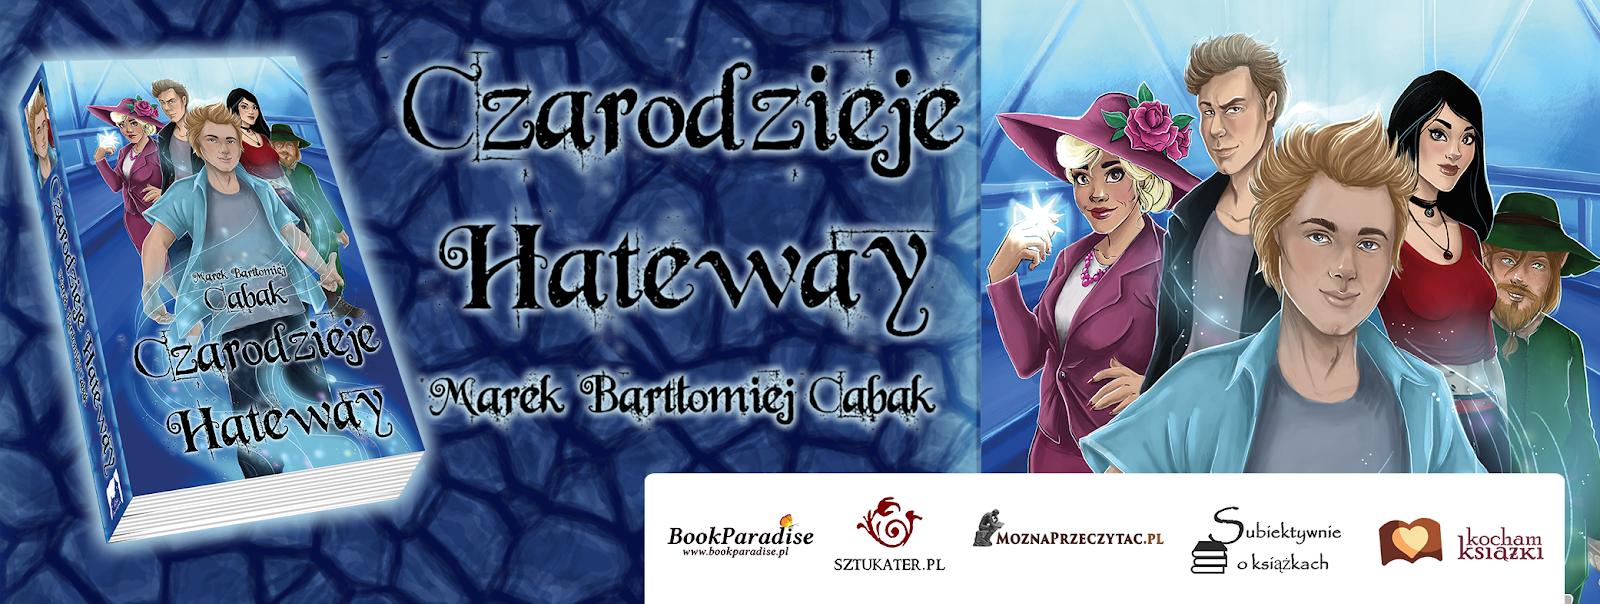 Czarodzieje Hateway - debiut Marka Bartłomieja Cabaka - wydawnictwo Wieża Czarnoksiężnika!